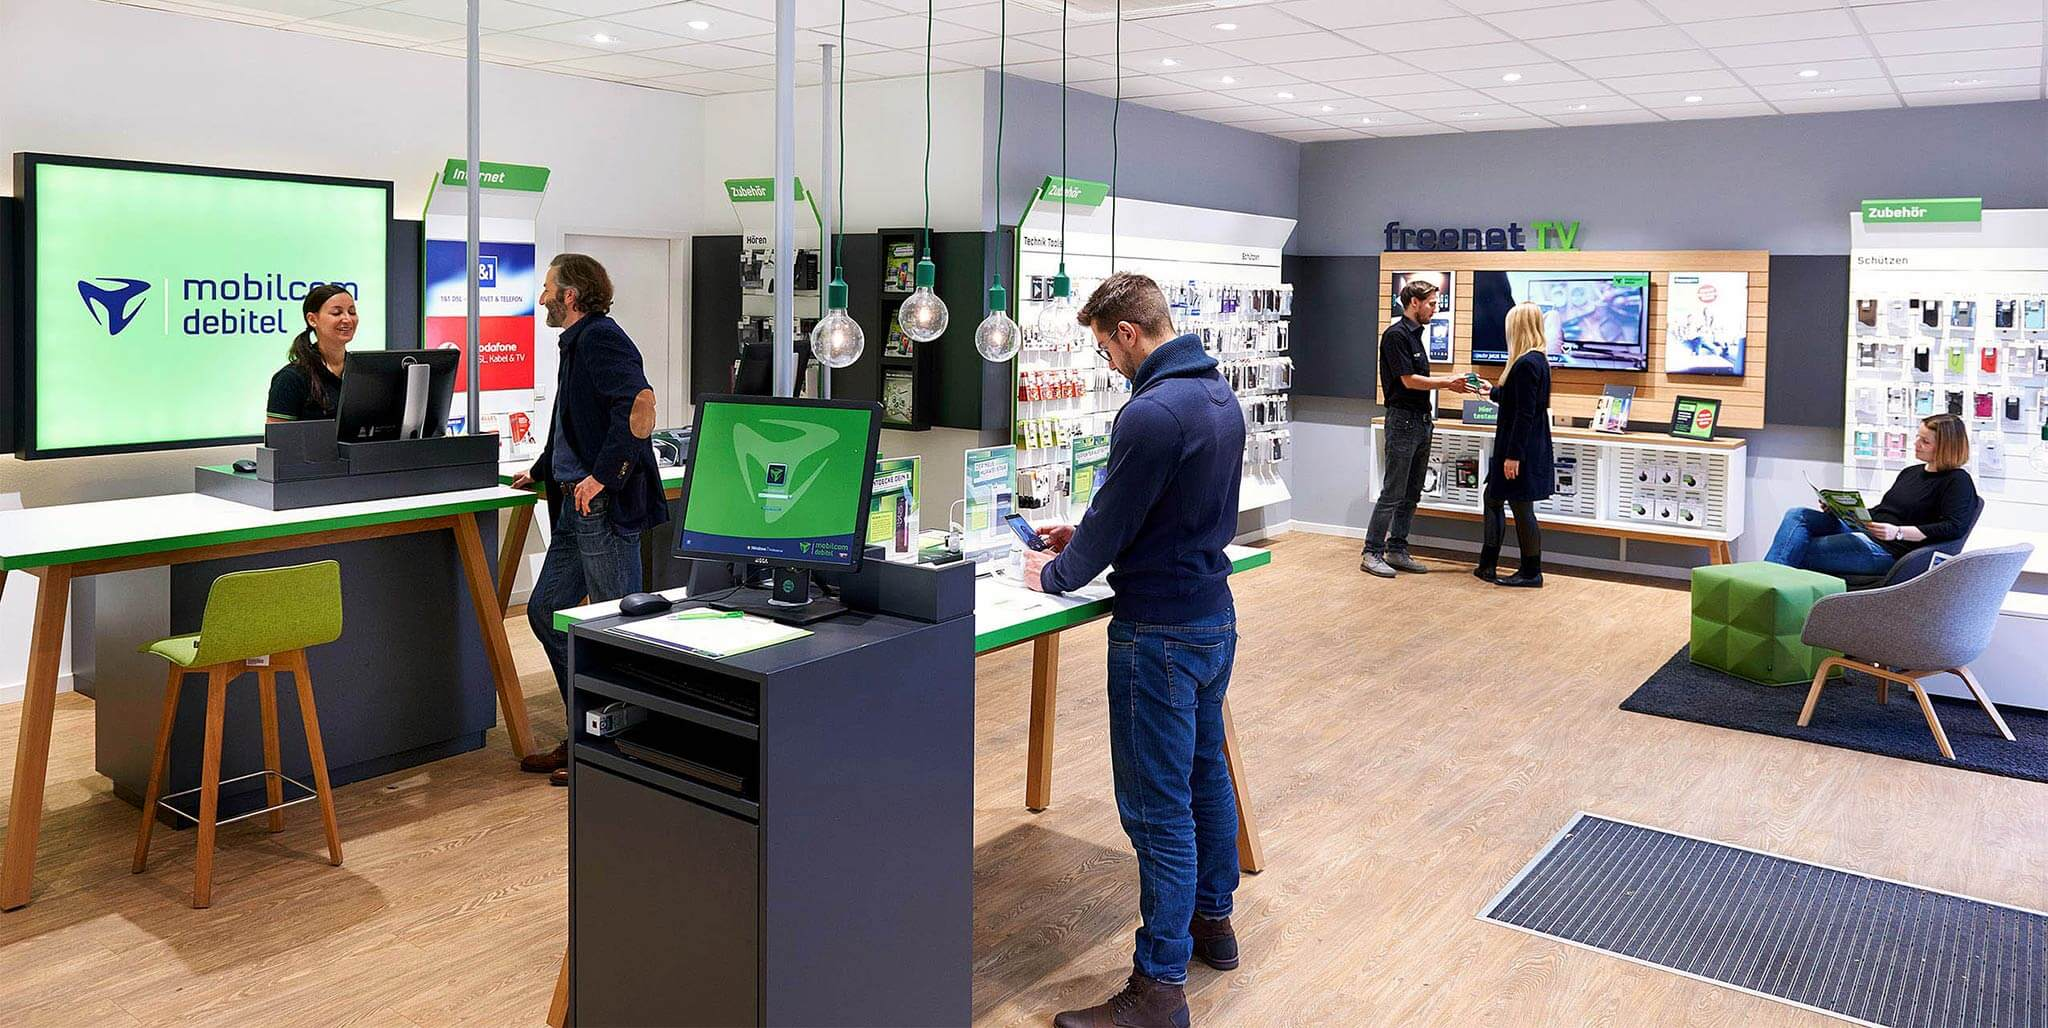 mobilcom-debitel: Modulares Shopdesign von Agentur Preussisch Portugal aus Hamburg